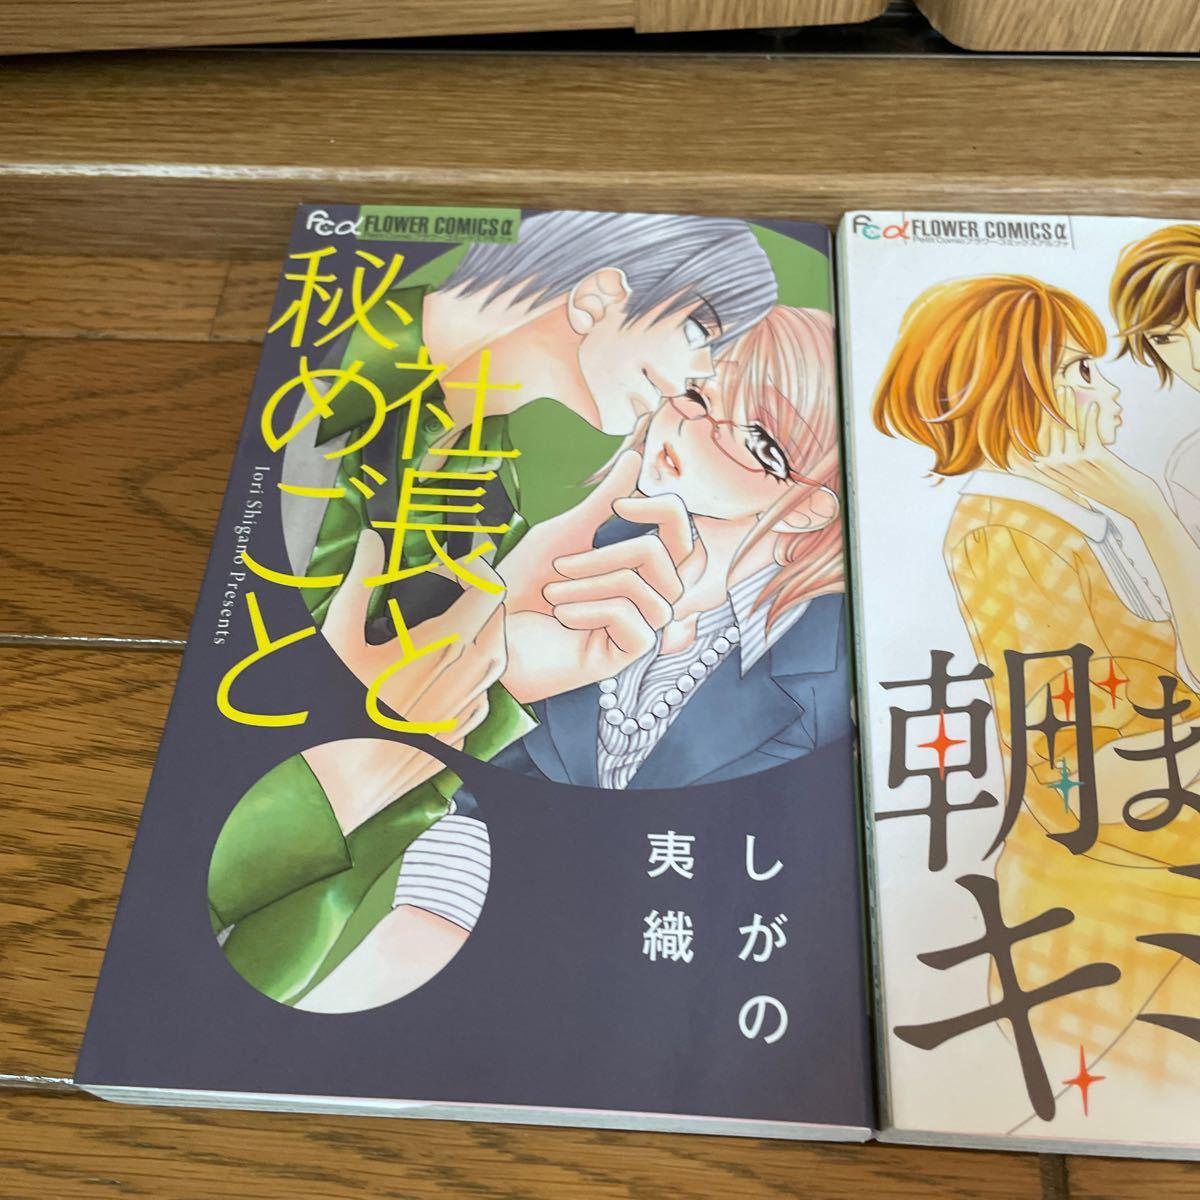 フラワーコミックス4冊セット 読み切り